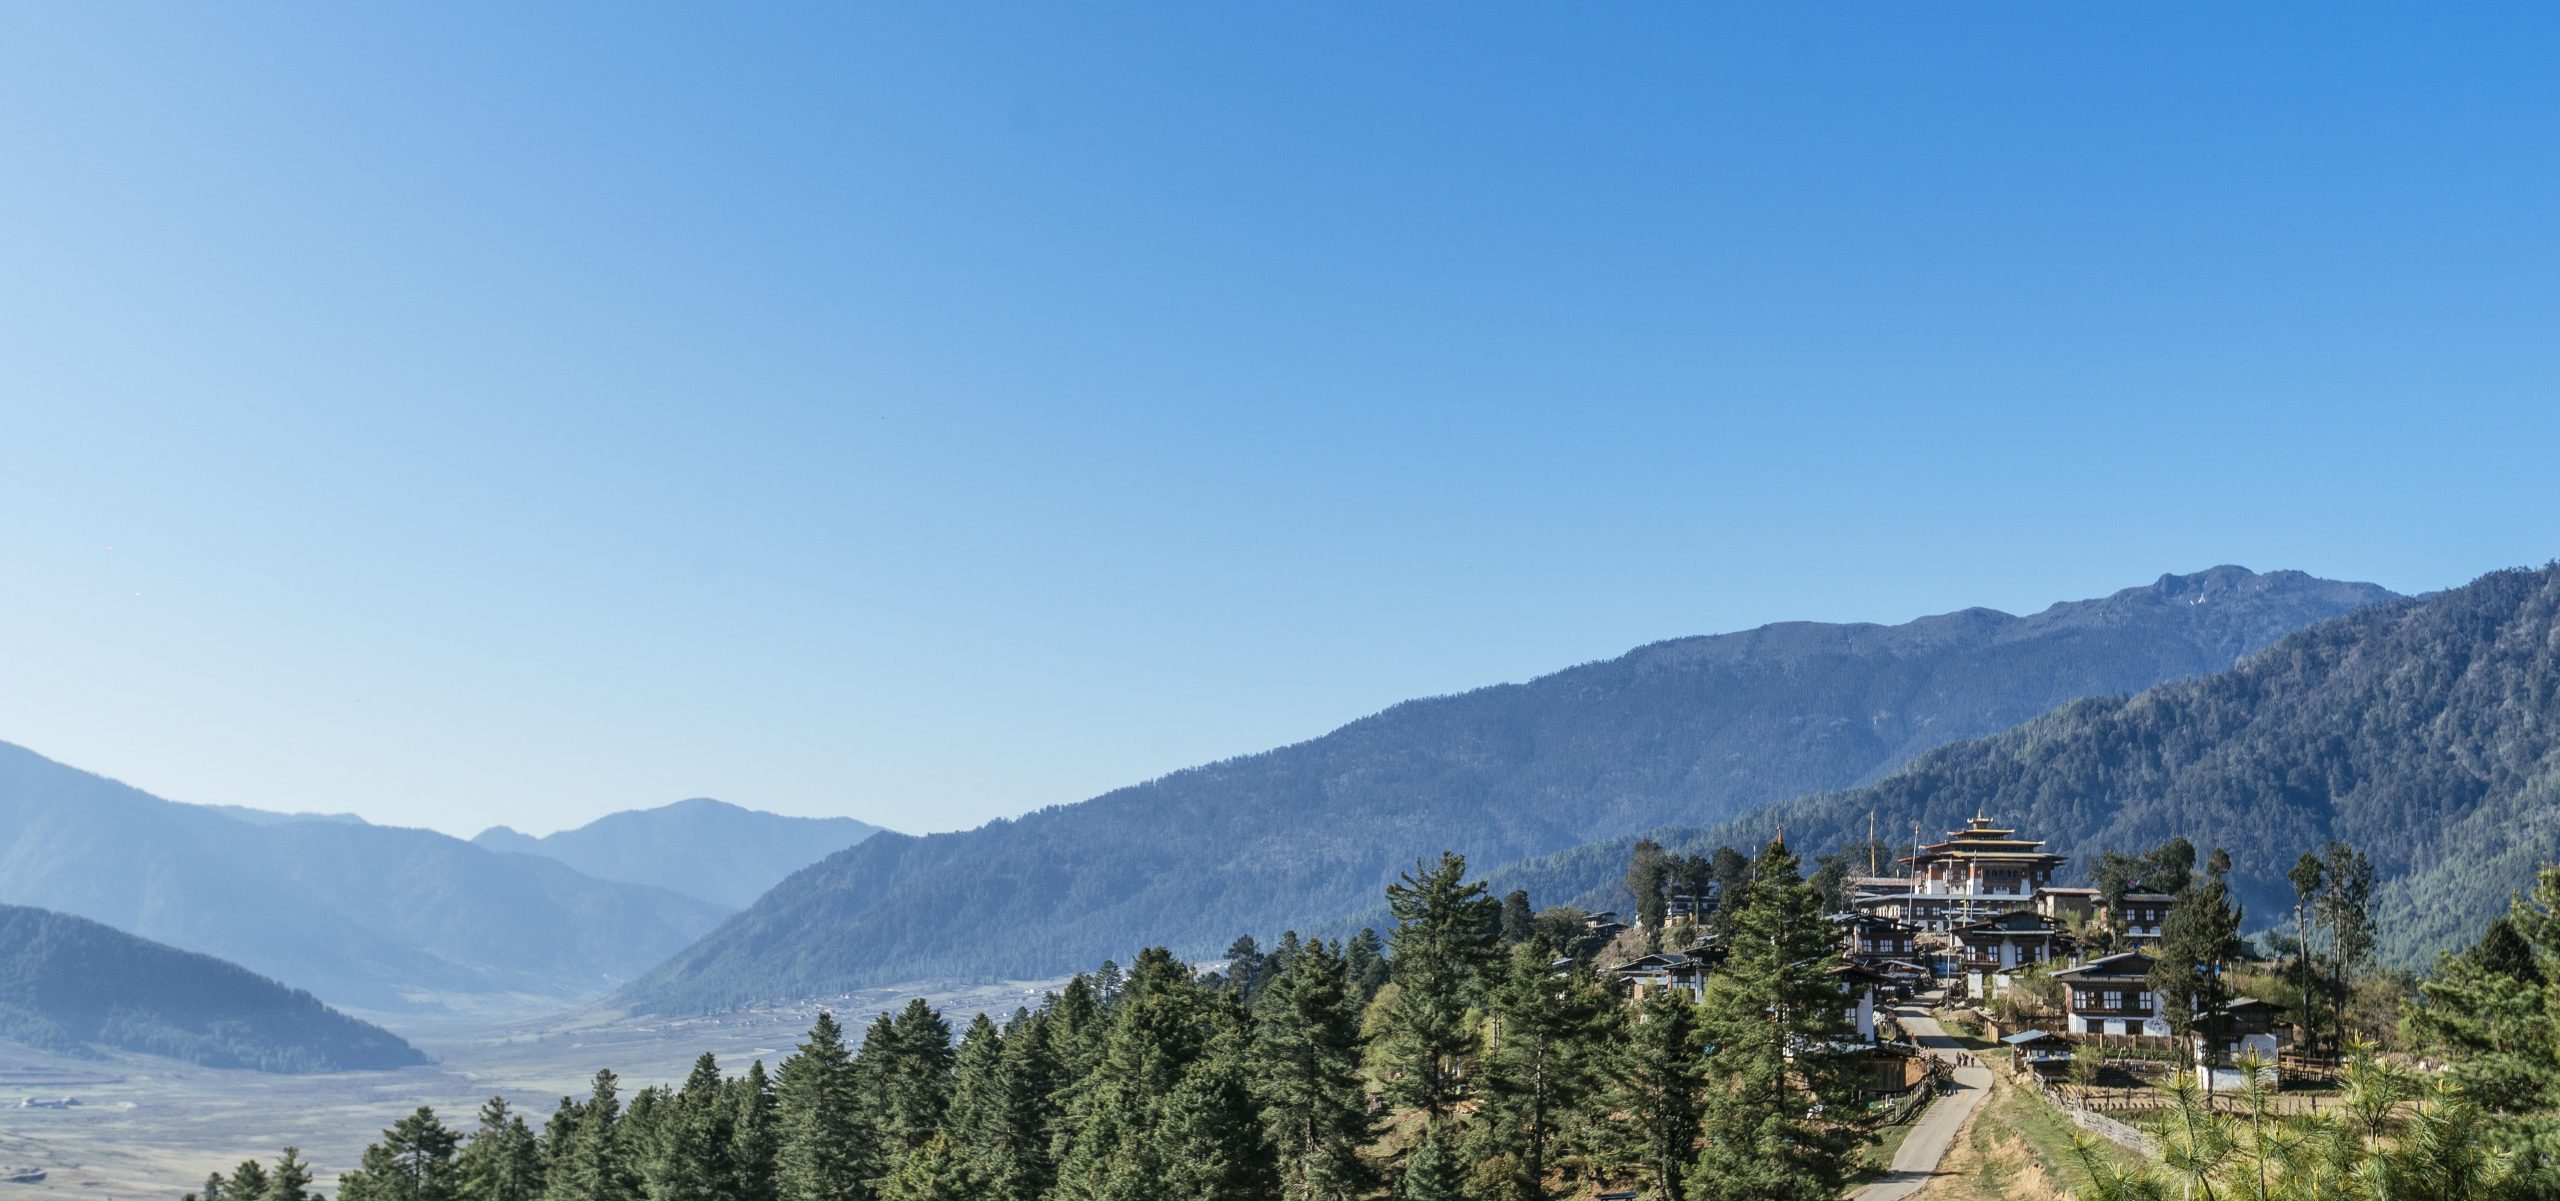 Bhutan - Gangtey